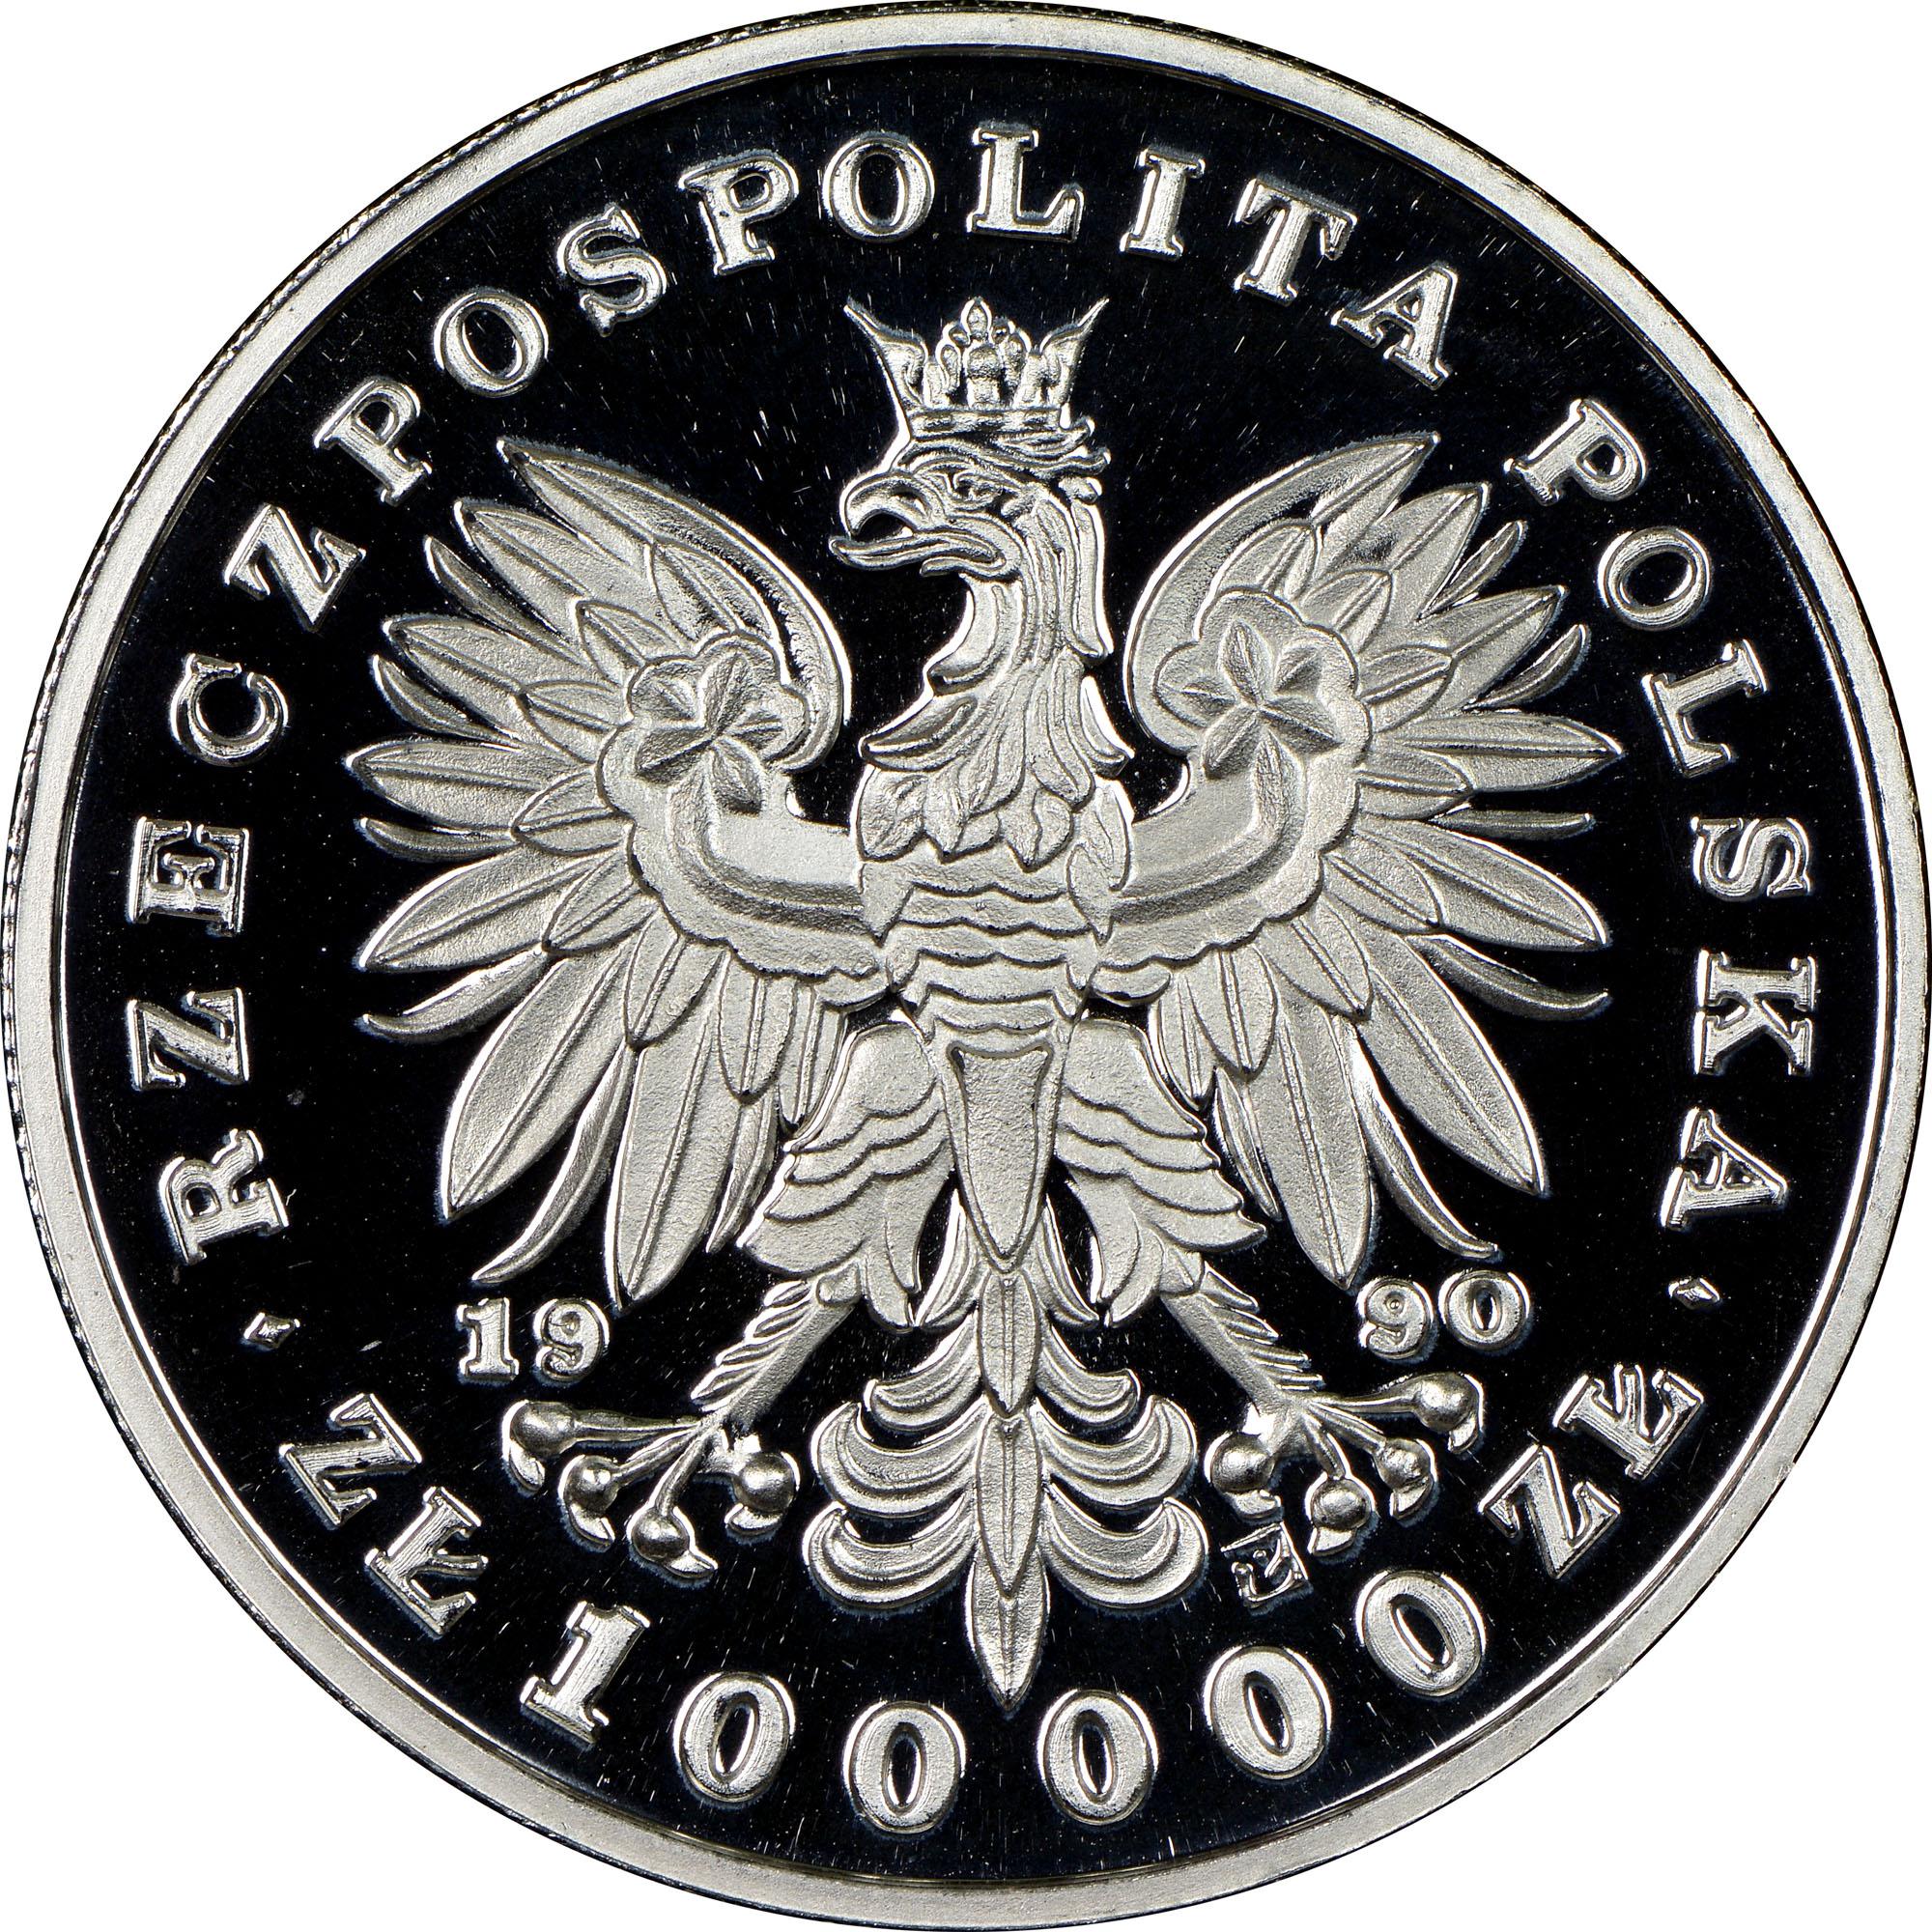 Poland 100000 Złotych obverse